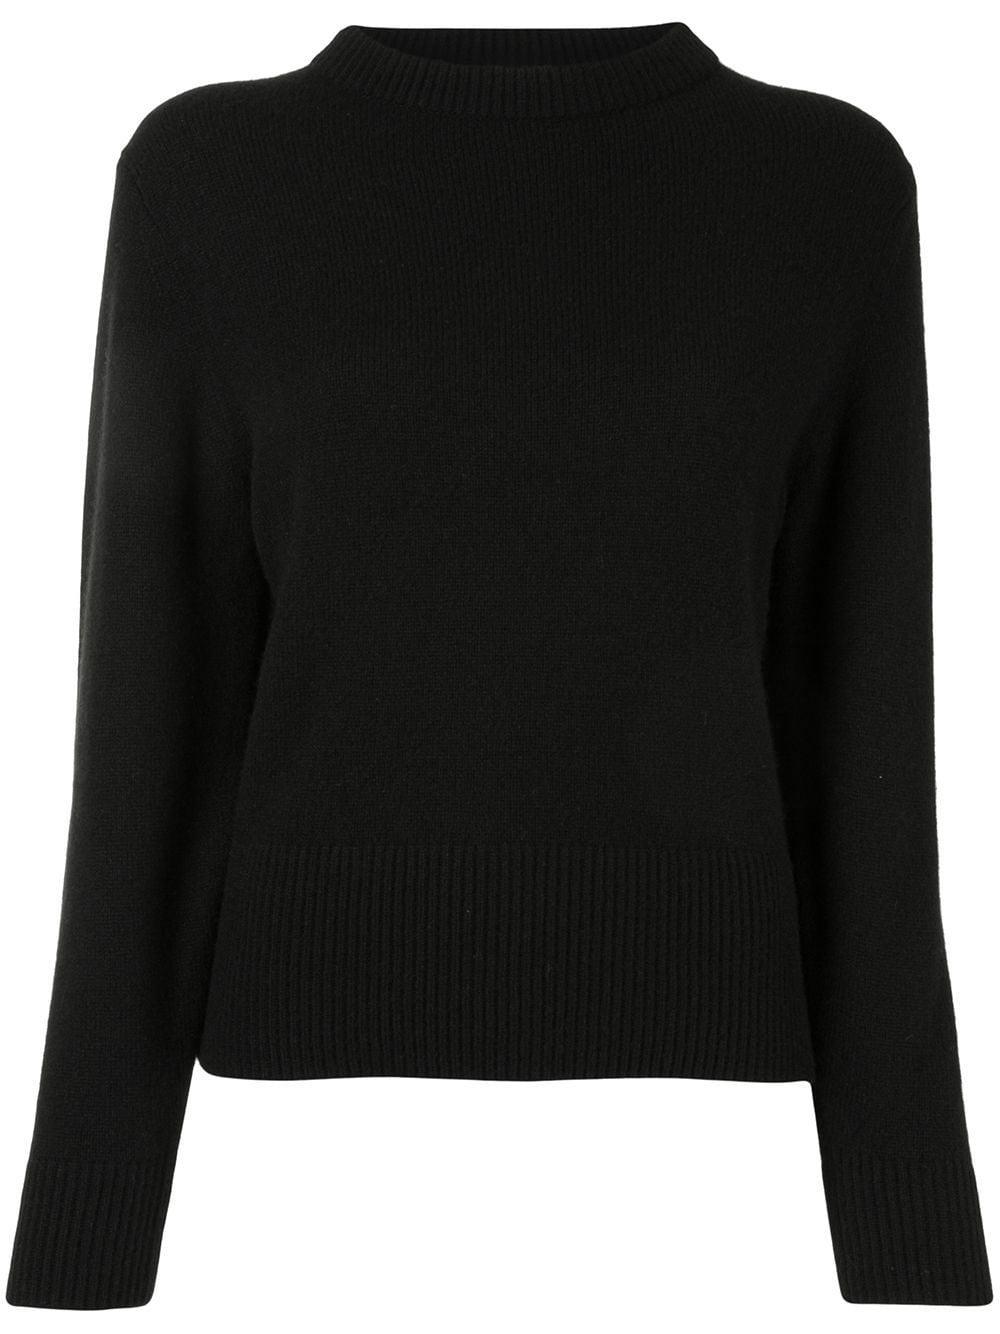 Drop Shoulder Mock Neck Sweater